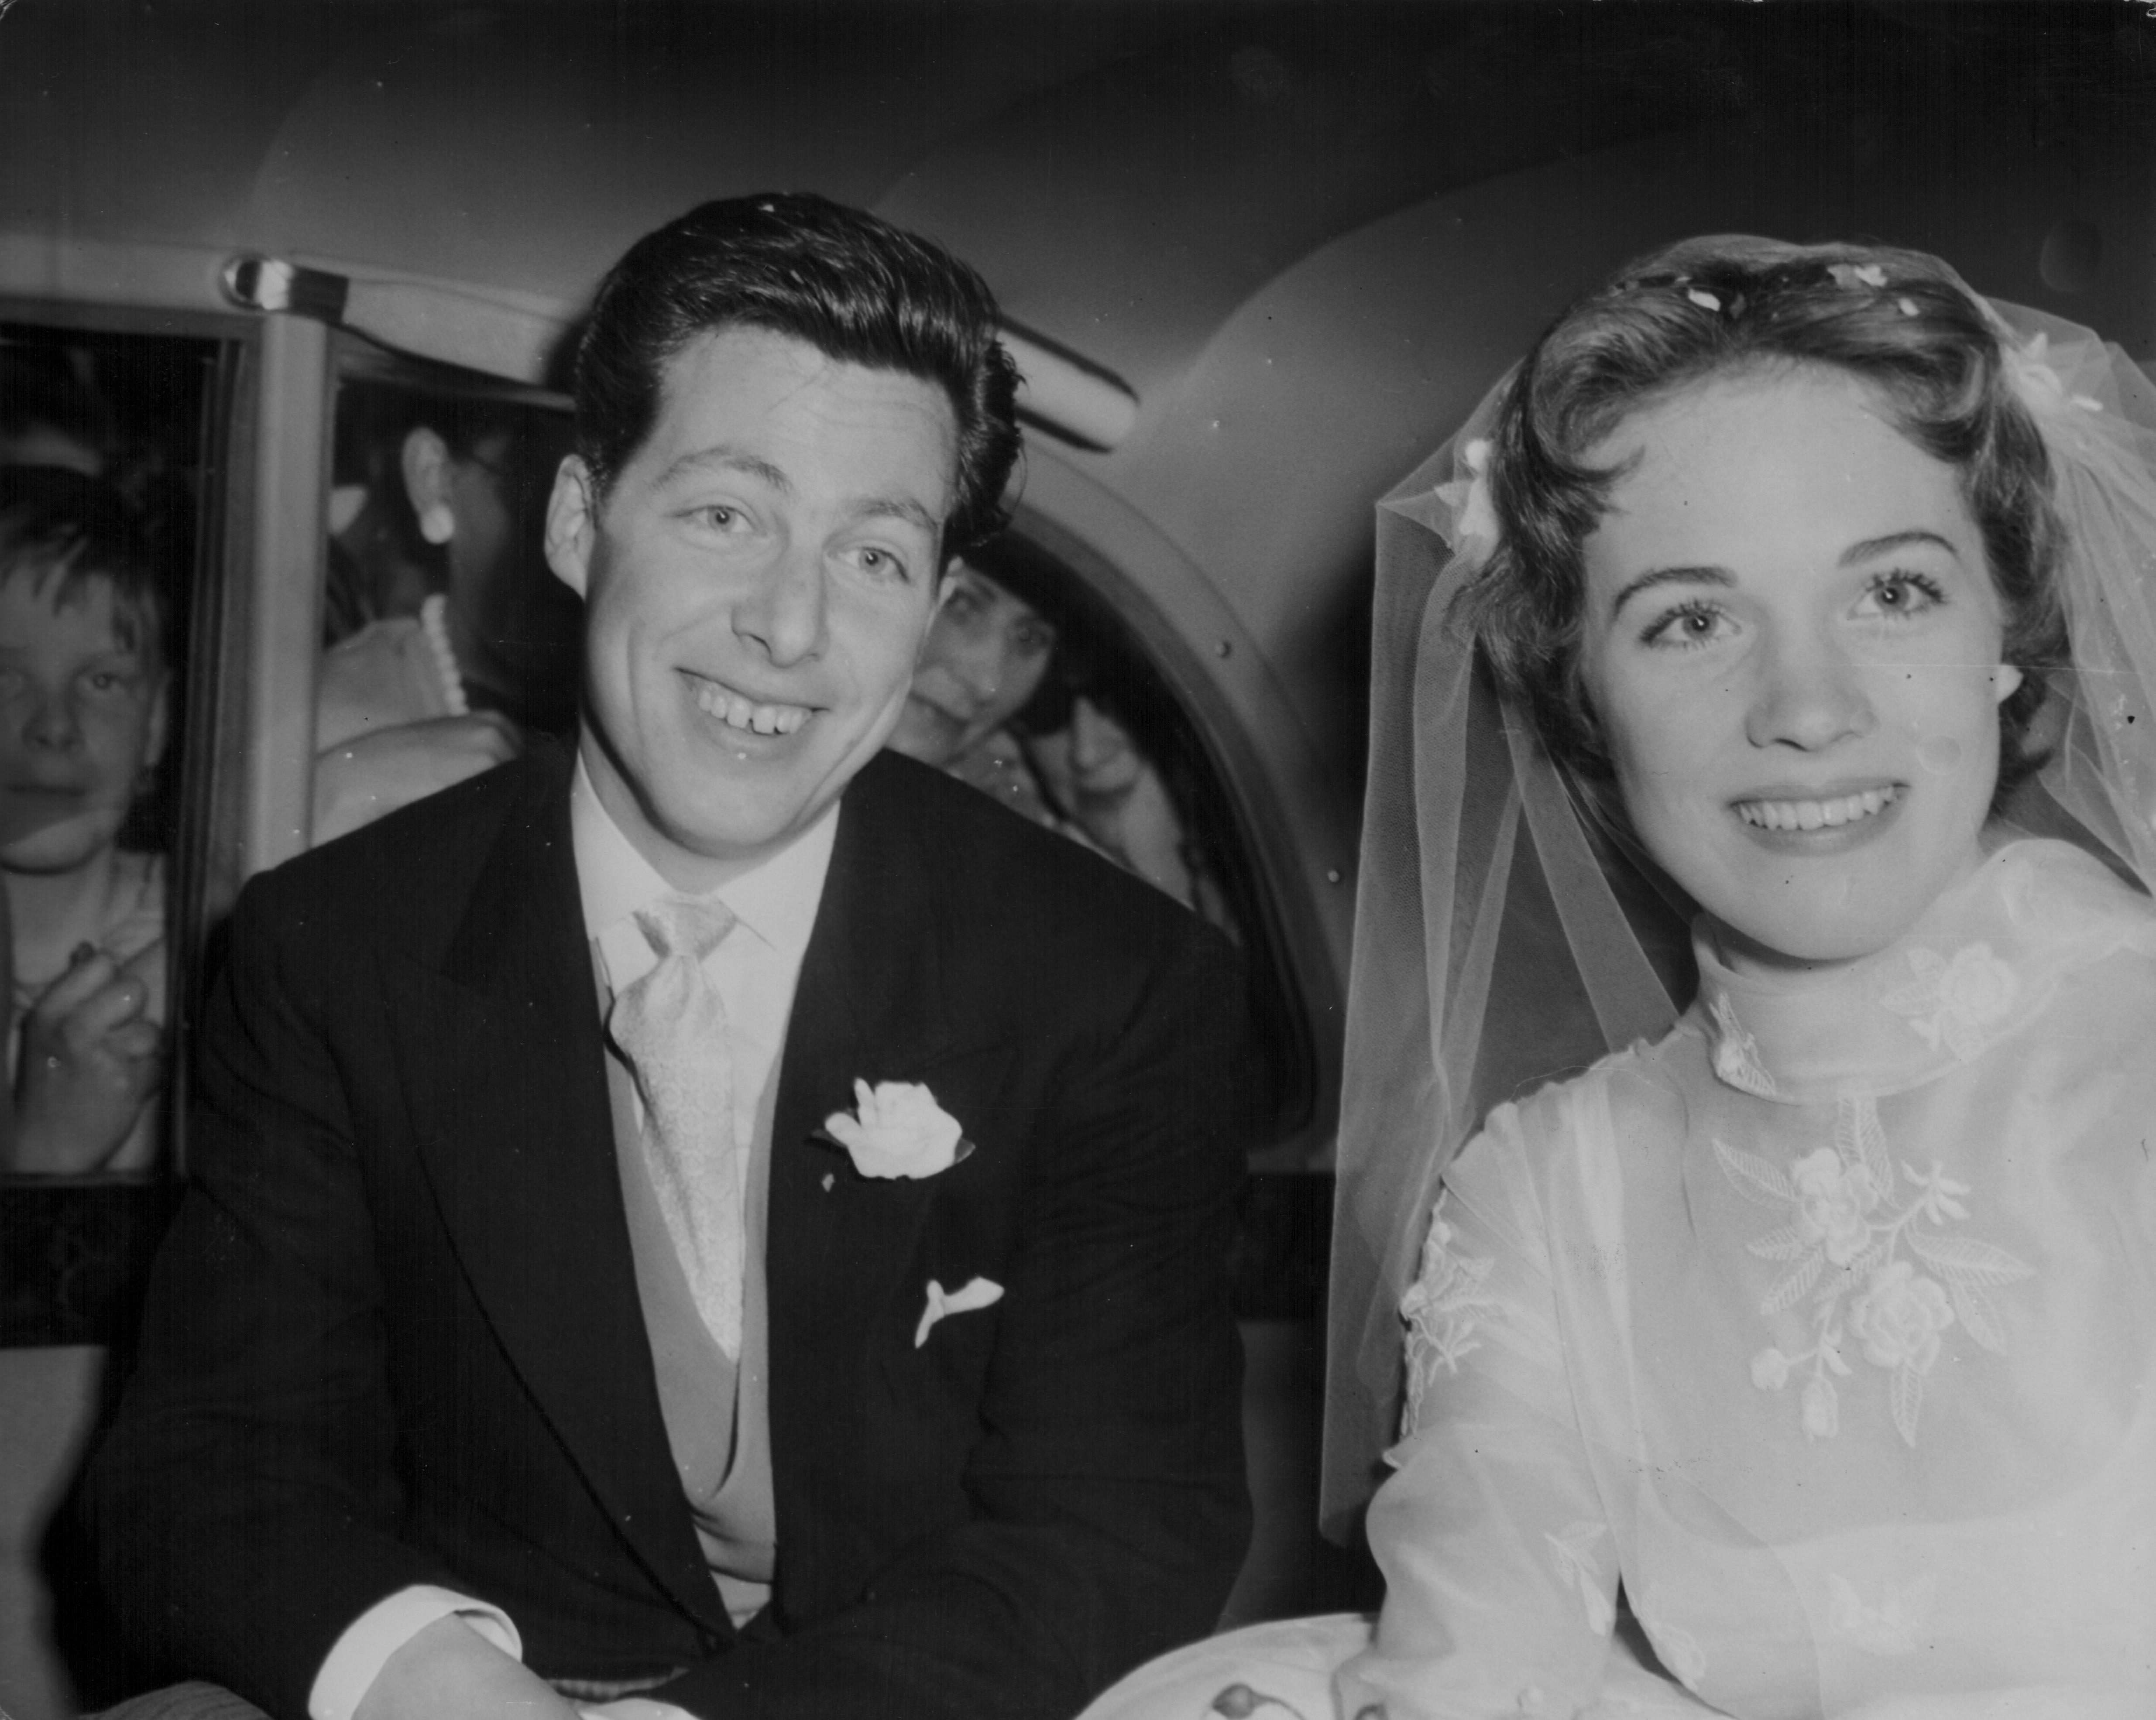 <p><strong>Джули Андрюс</strong></p>  <p>Антъни Уолтън вижда Джули Андрюс за първи път, когато тя е на 13 години. Години по-късно двамата сключват брак&nbsp;в Съри (11 май 1959 г.). Двойката има&nbsp;една дъщеря - Ема. Уолтън и Андрюс се развеждат през 1967 г., но остават близки.</p>